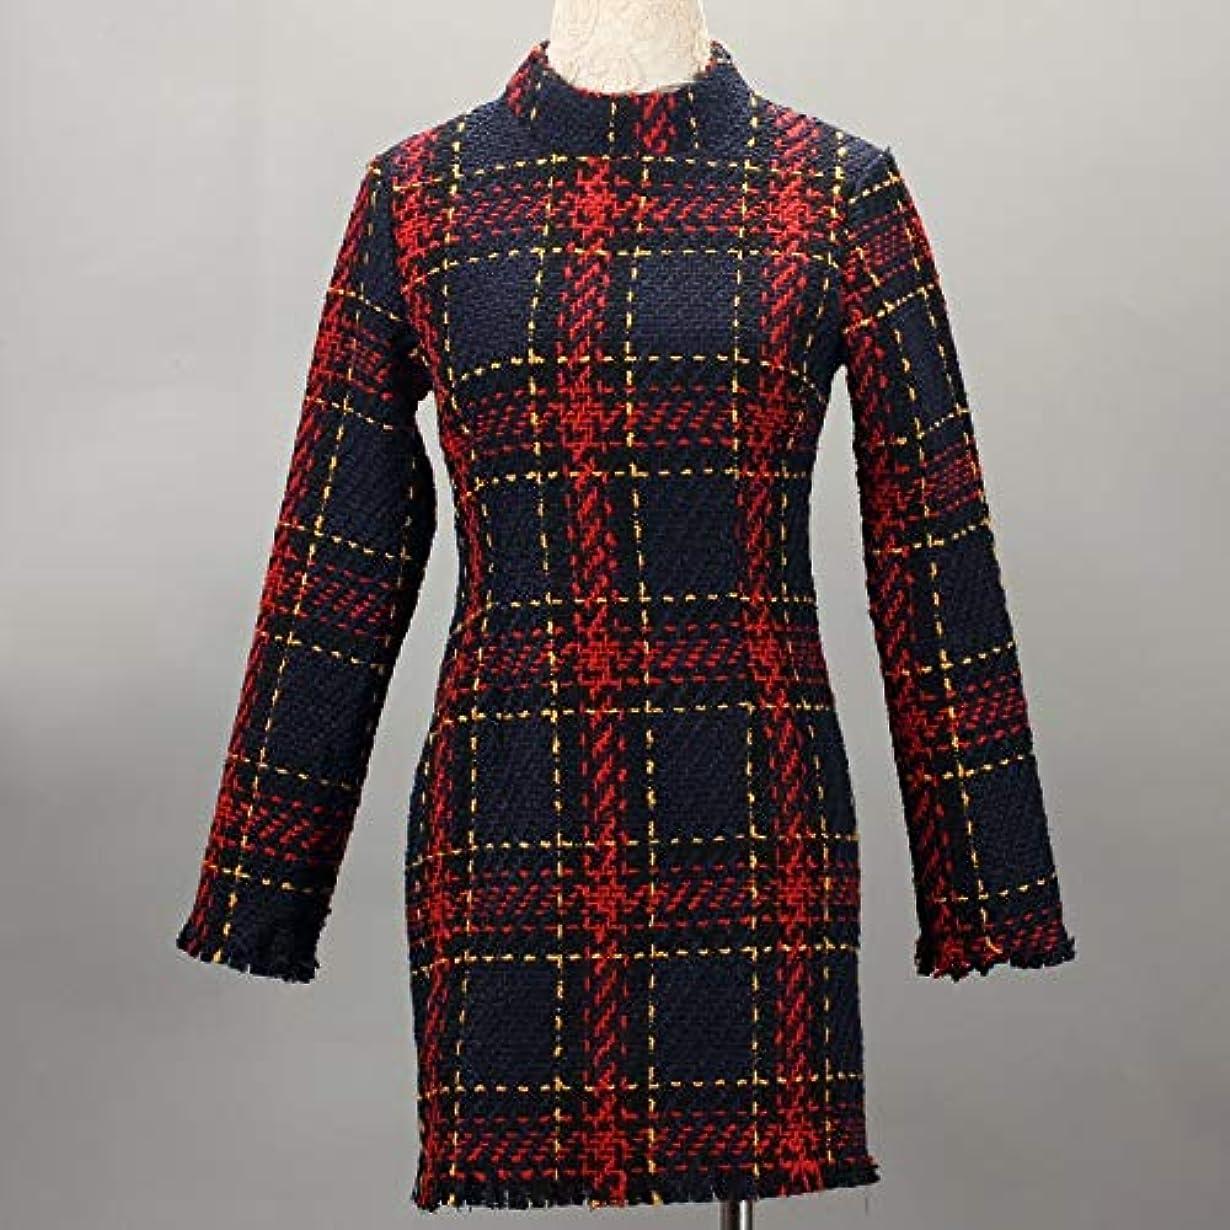 惨めなコインランドリー元気なOnderroa - ファッション冬のドレスの女性は、ストライプ長袖スリムスキニーセクシーなミニボディコンヴィンテージvestidosドレスの女性を印刷PLAID